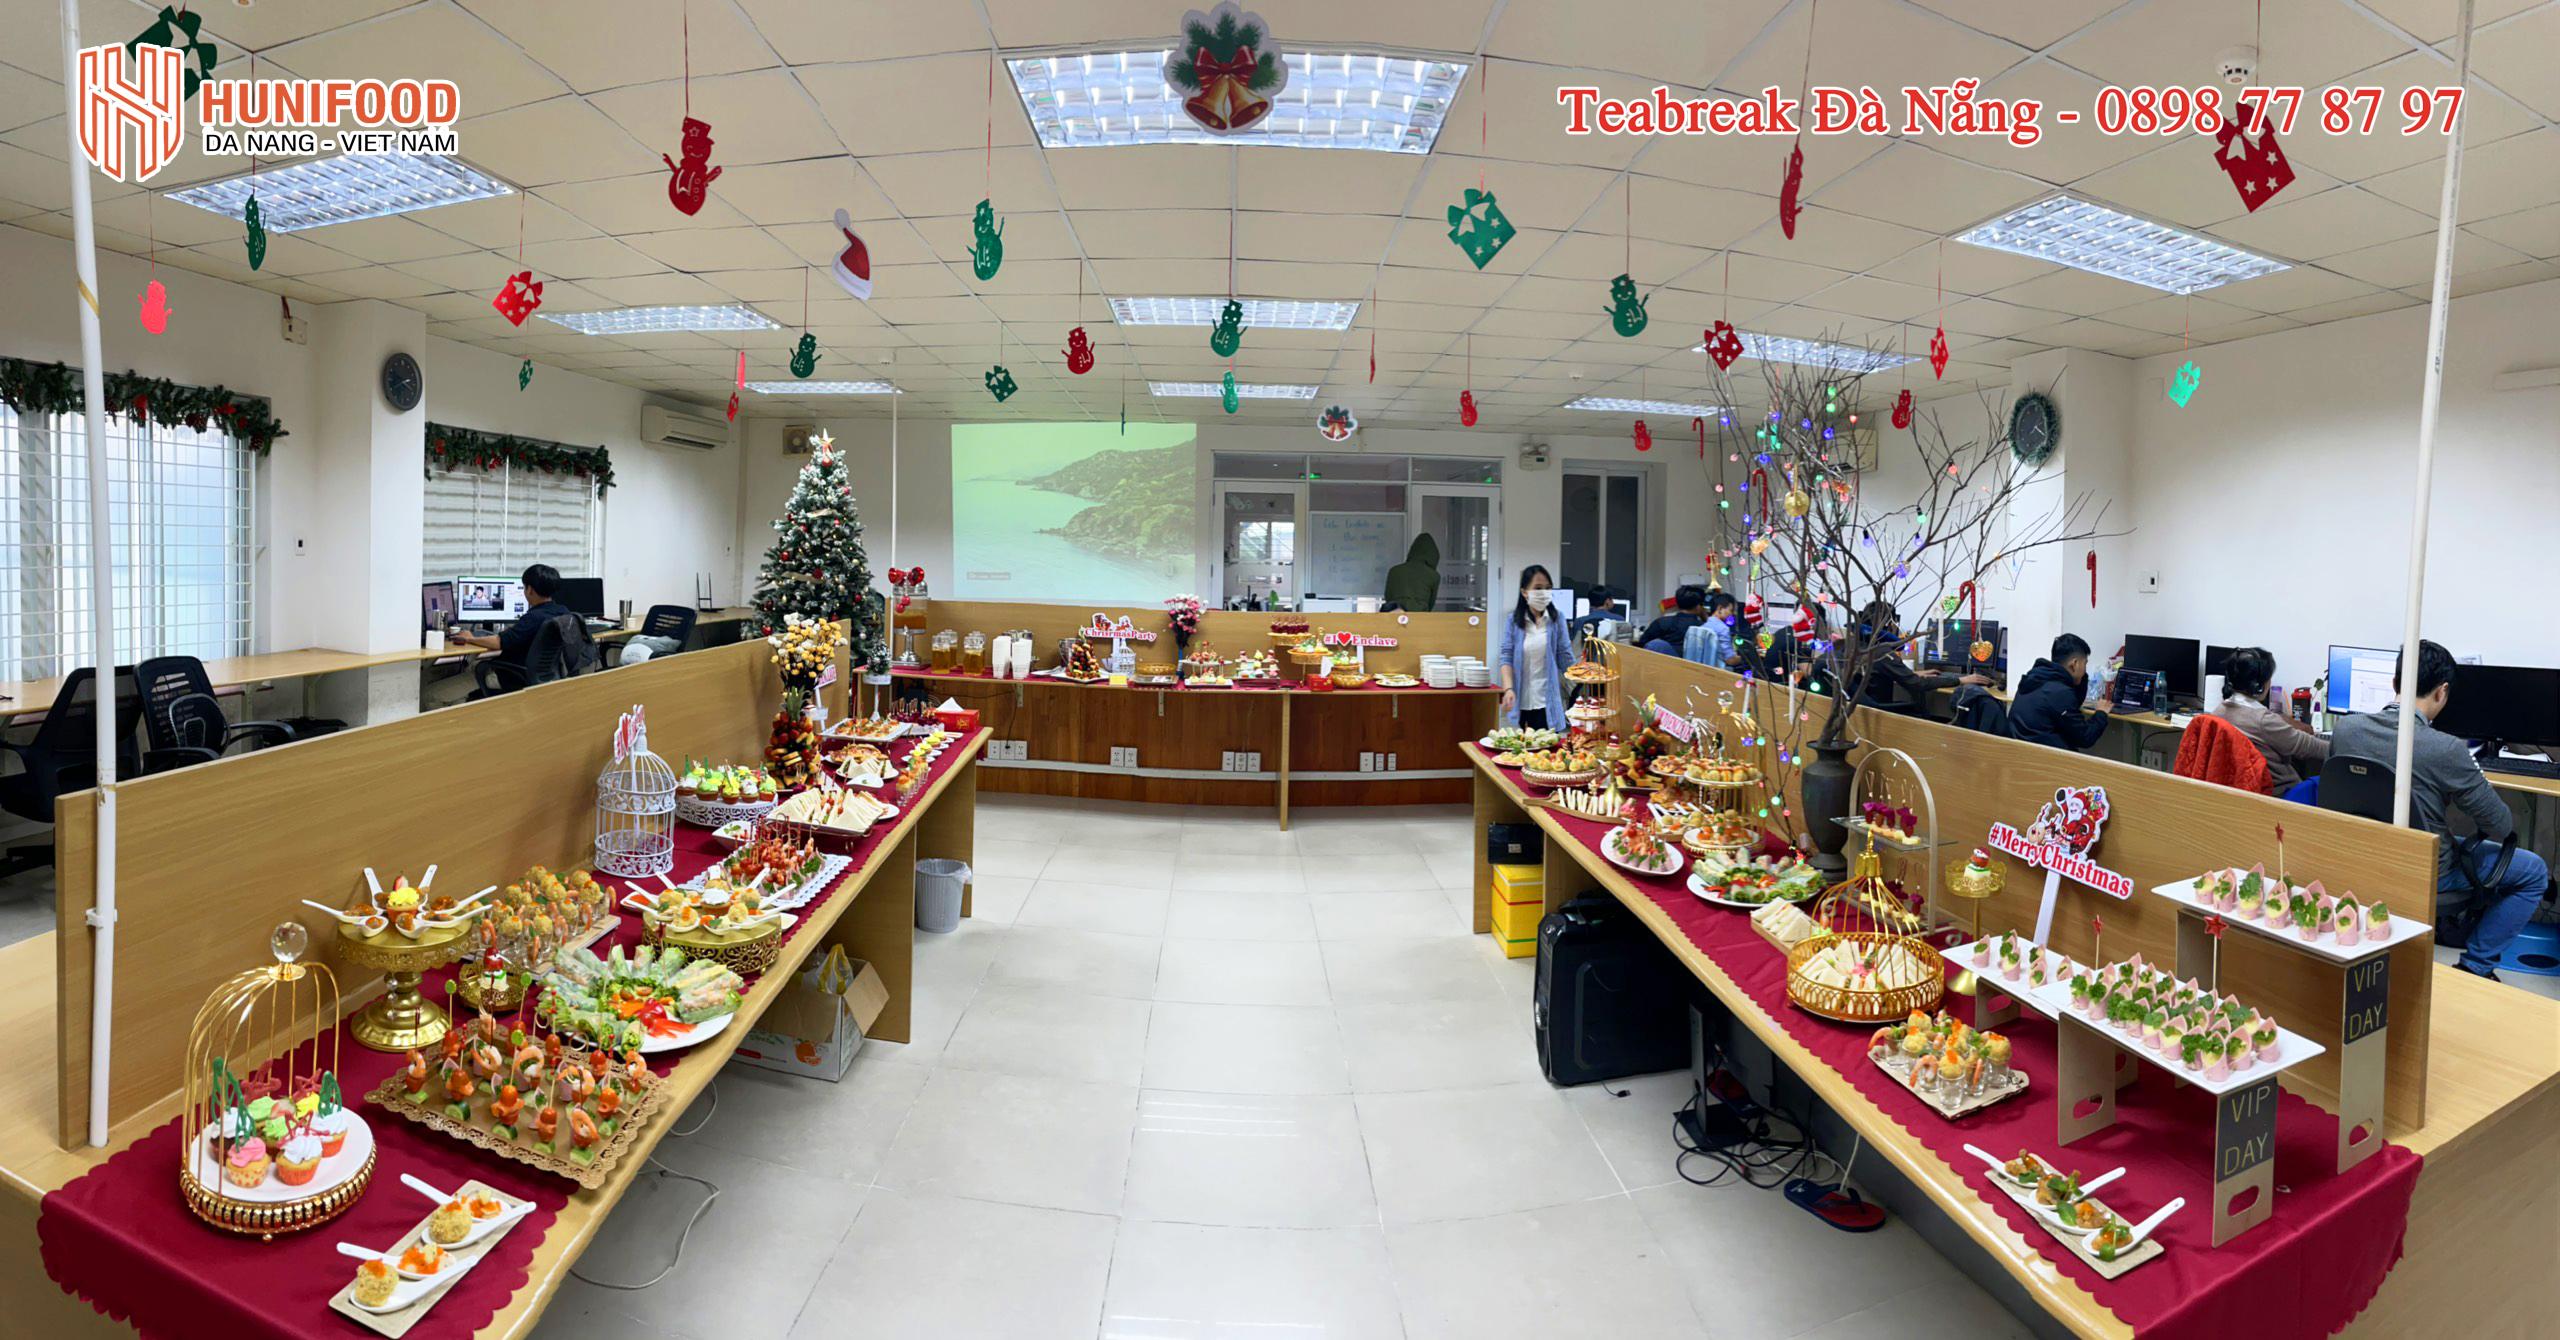 Tiệc Finger Food Giáng Sinh An Lành